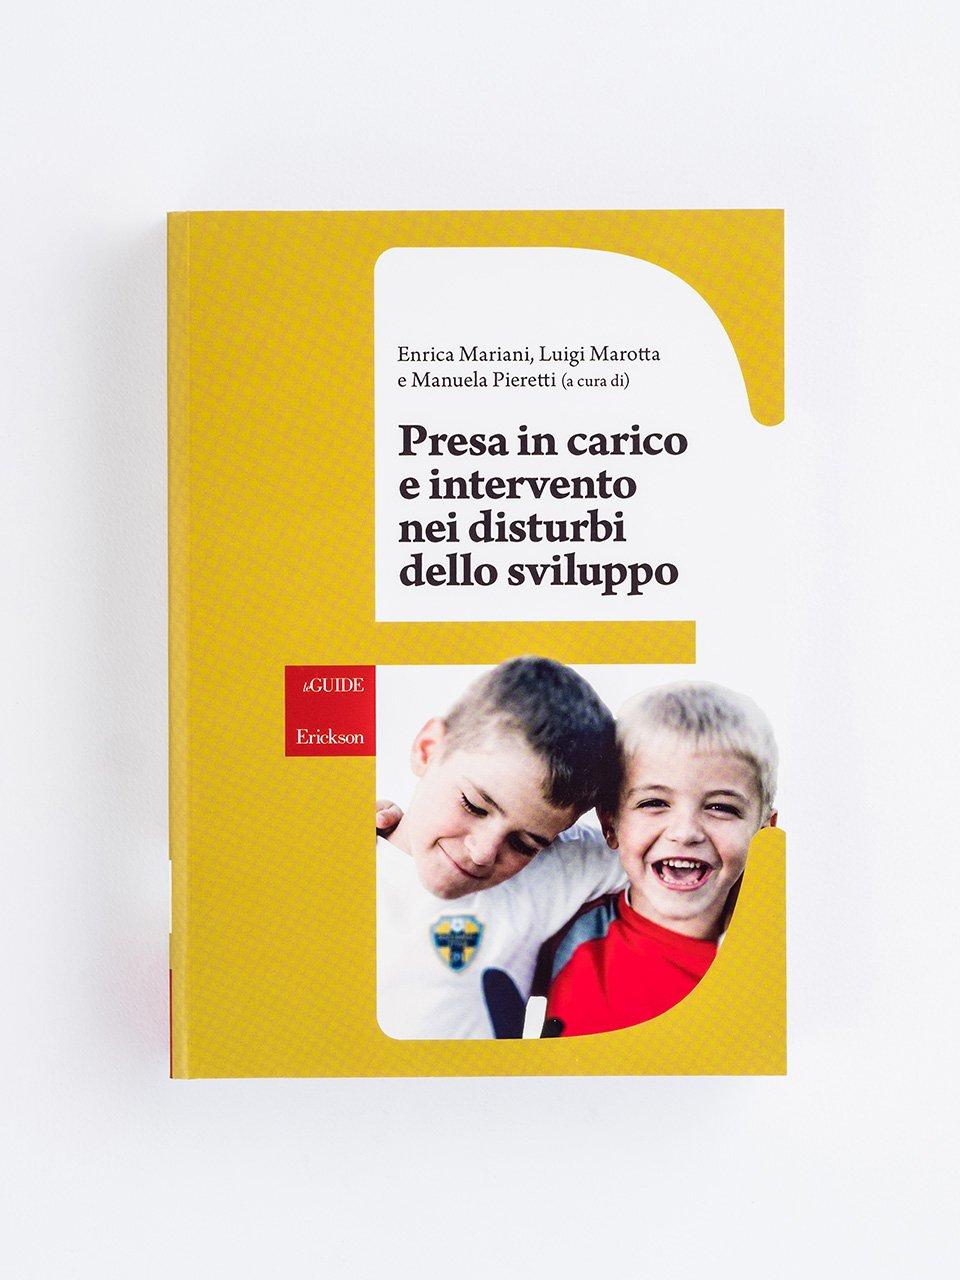 Presa in carico e intervento nei disturbi dello sviluppo - Un'offerta completa di libri e corsi di formazione sul Disturbo da Deficit di Attenzione e Iperattività nei bambini. Scopri sul sito